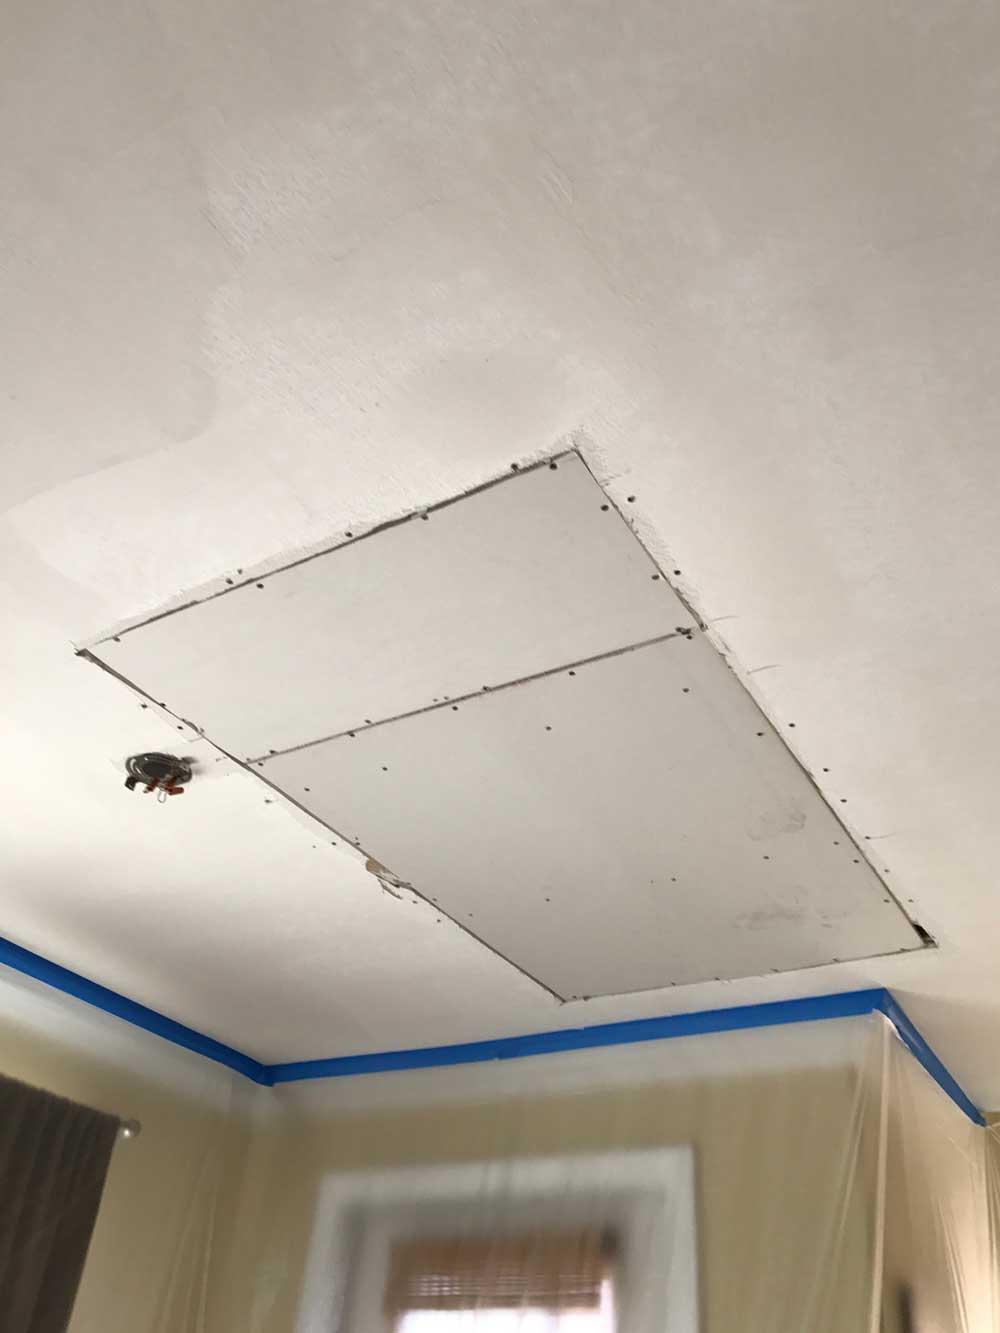 Drywall Water Damage Image 2